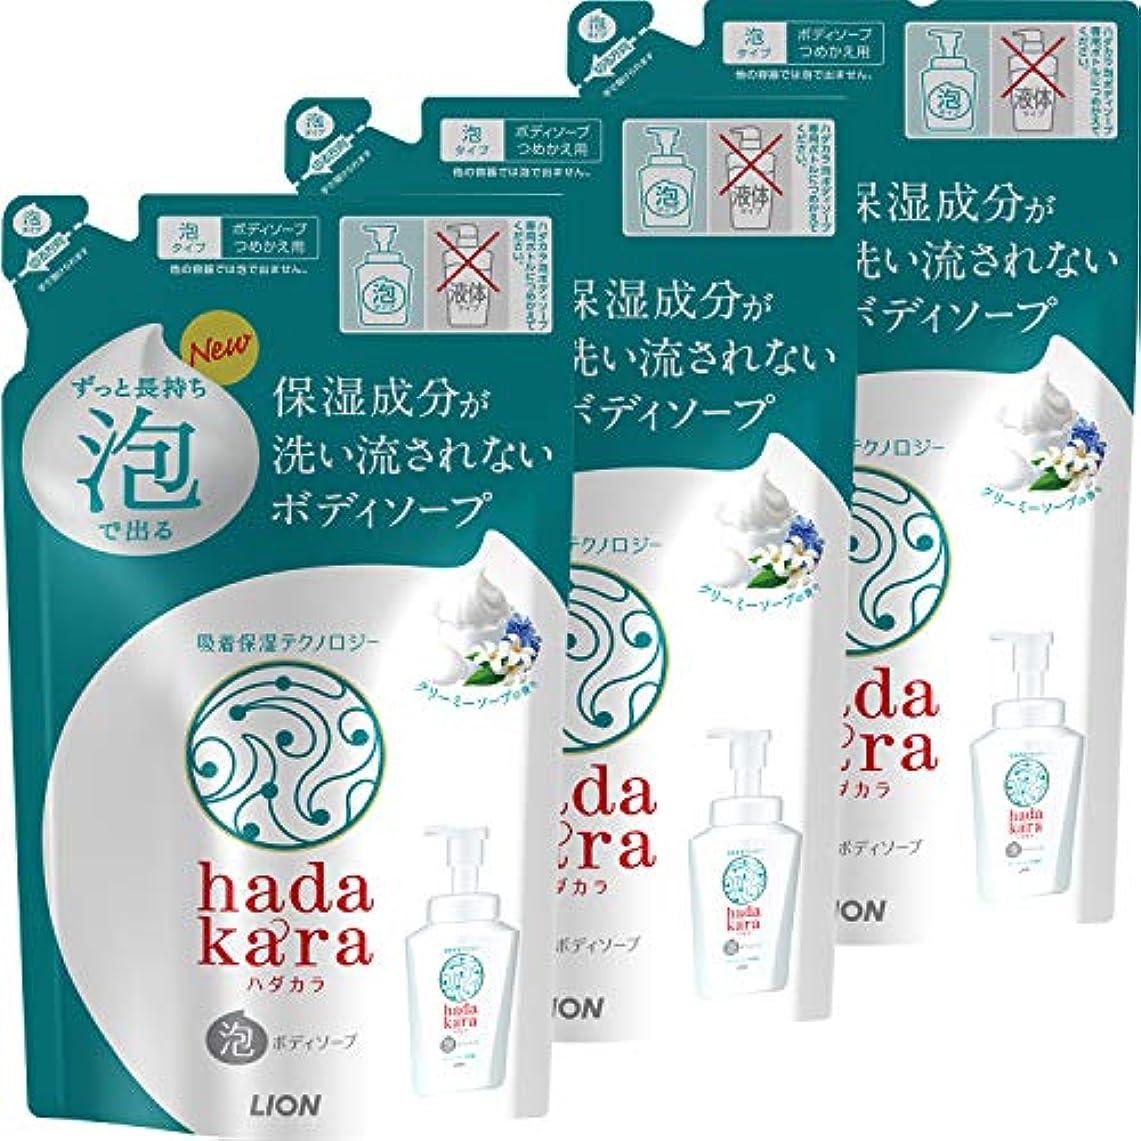 壊れた恨み早めるhadakara(ハダカラ) ボディソープ 泡タイプ クリーミーソープの香り 詰替440ml×3個